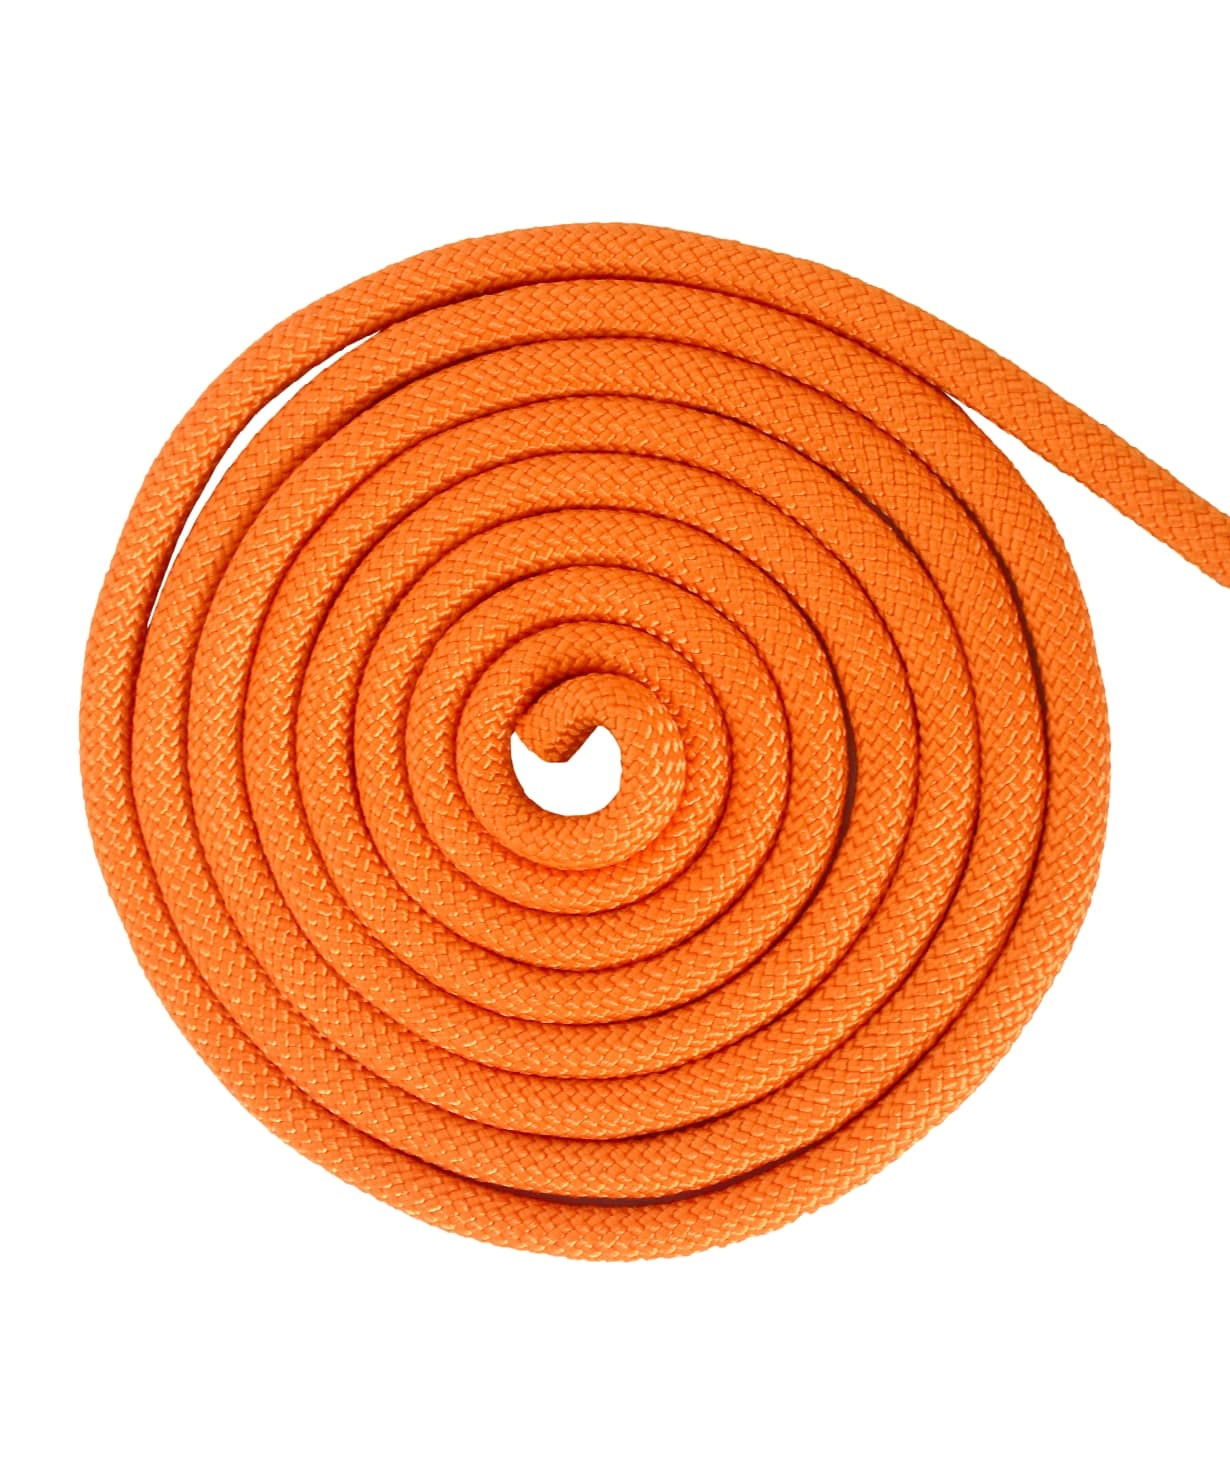 Скакалка для художественной гимнастики RGJ-102 pro, 3 м, оранжевый